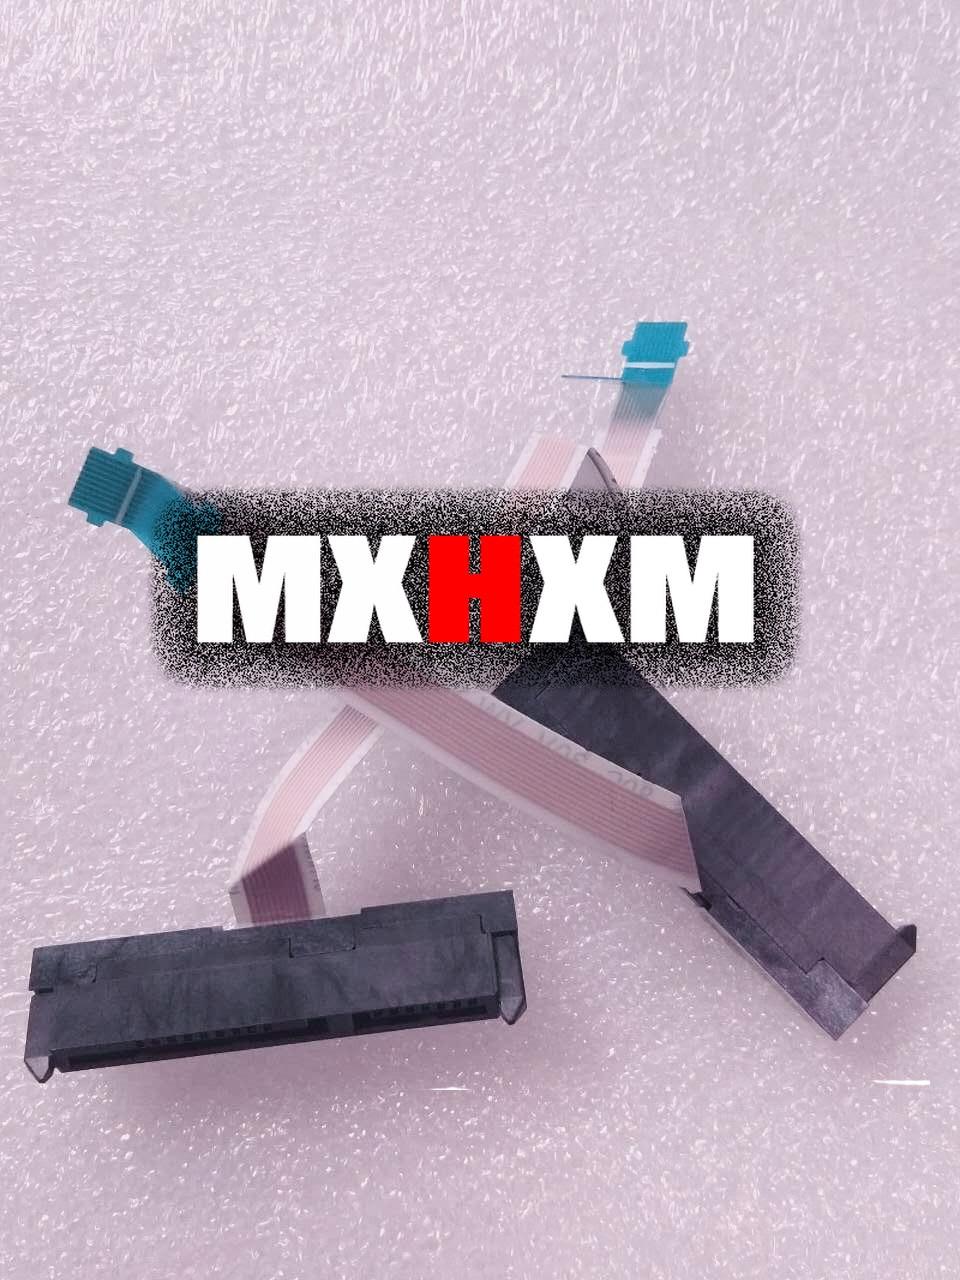 Кабель MXHXM для ноутбука, HDD для Raytheon 911-E1 S1 911-T1 911-S2 911-M 911-S1 SATA, соединительный кабель для жесткого диска